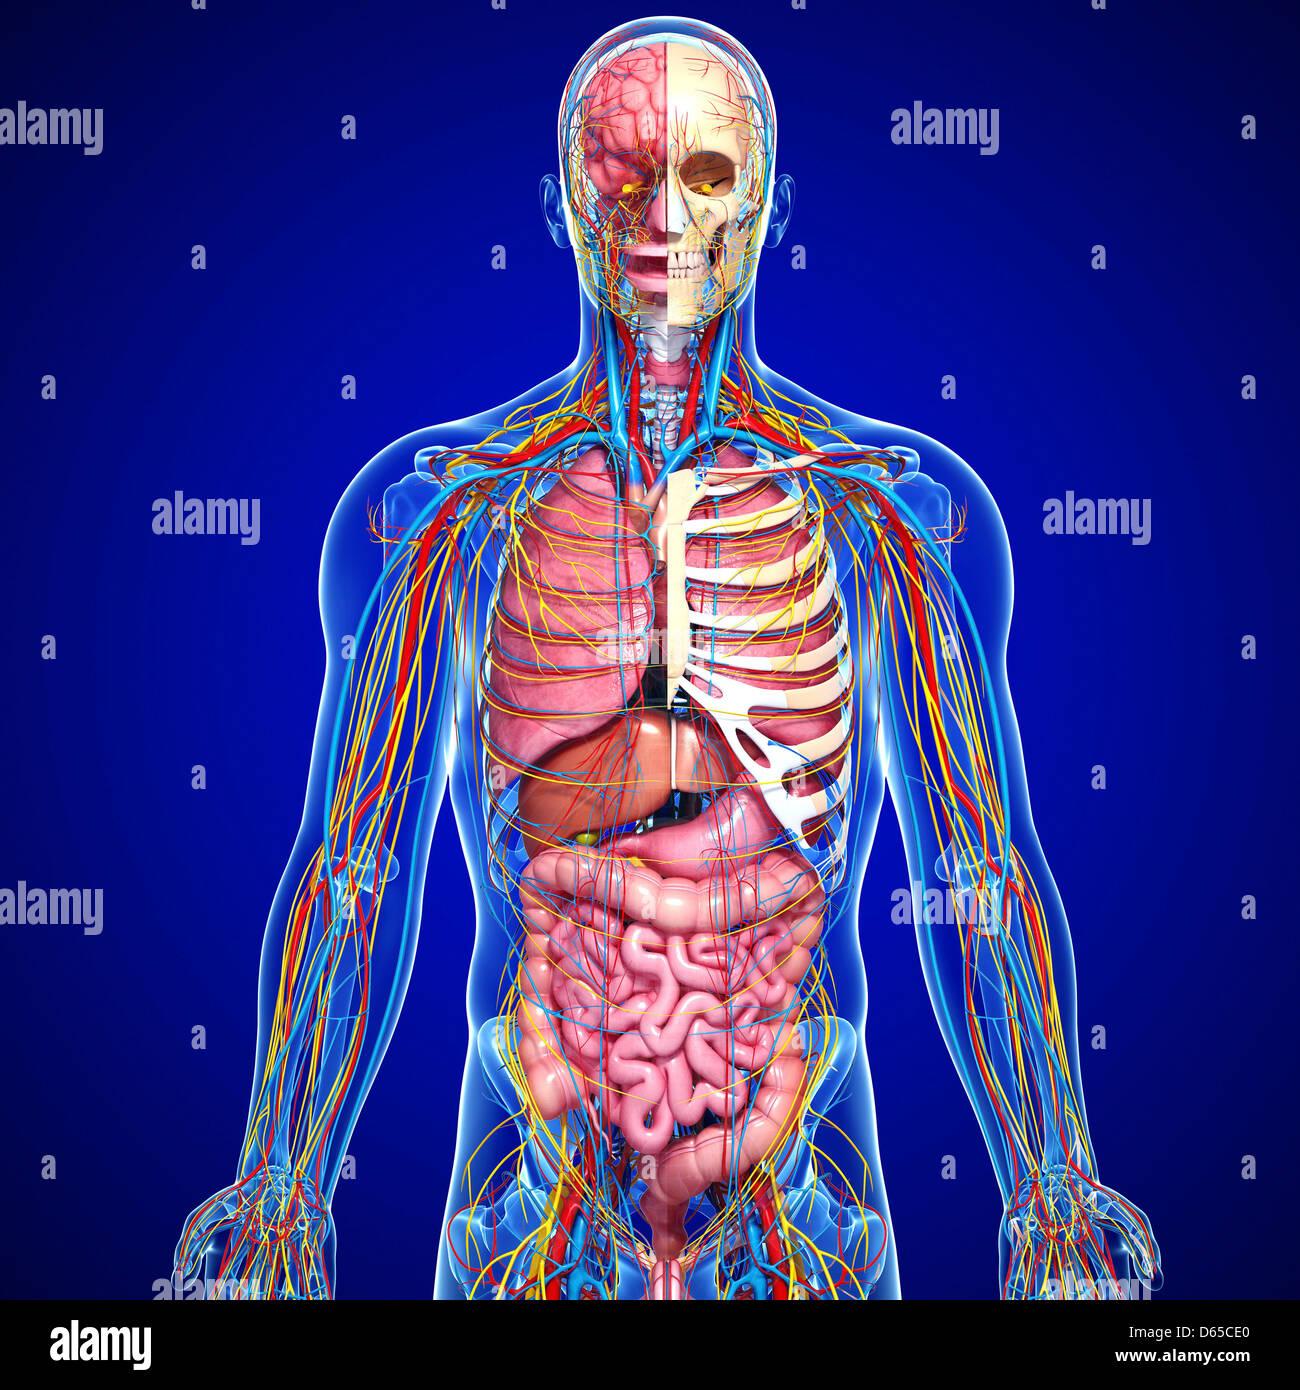 Ziemlich Männliches Fortpflanzungs Anatomie Modell Zeitgenössisch ...